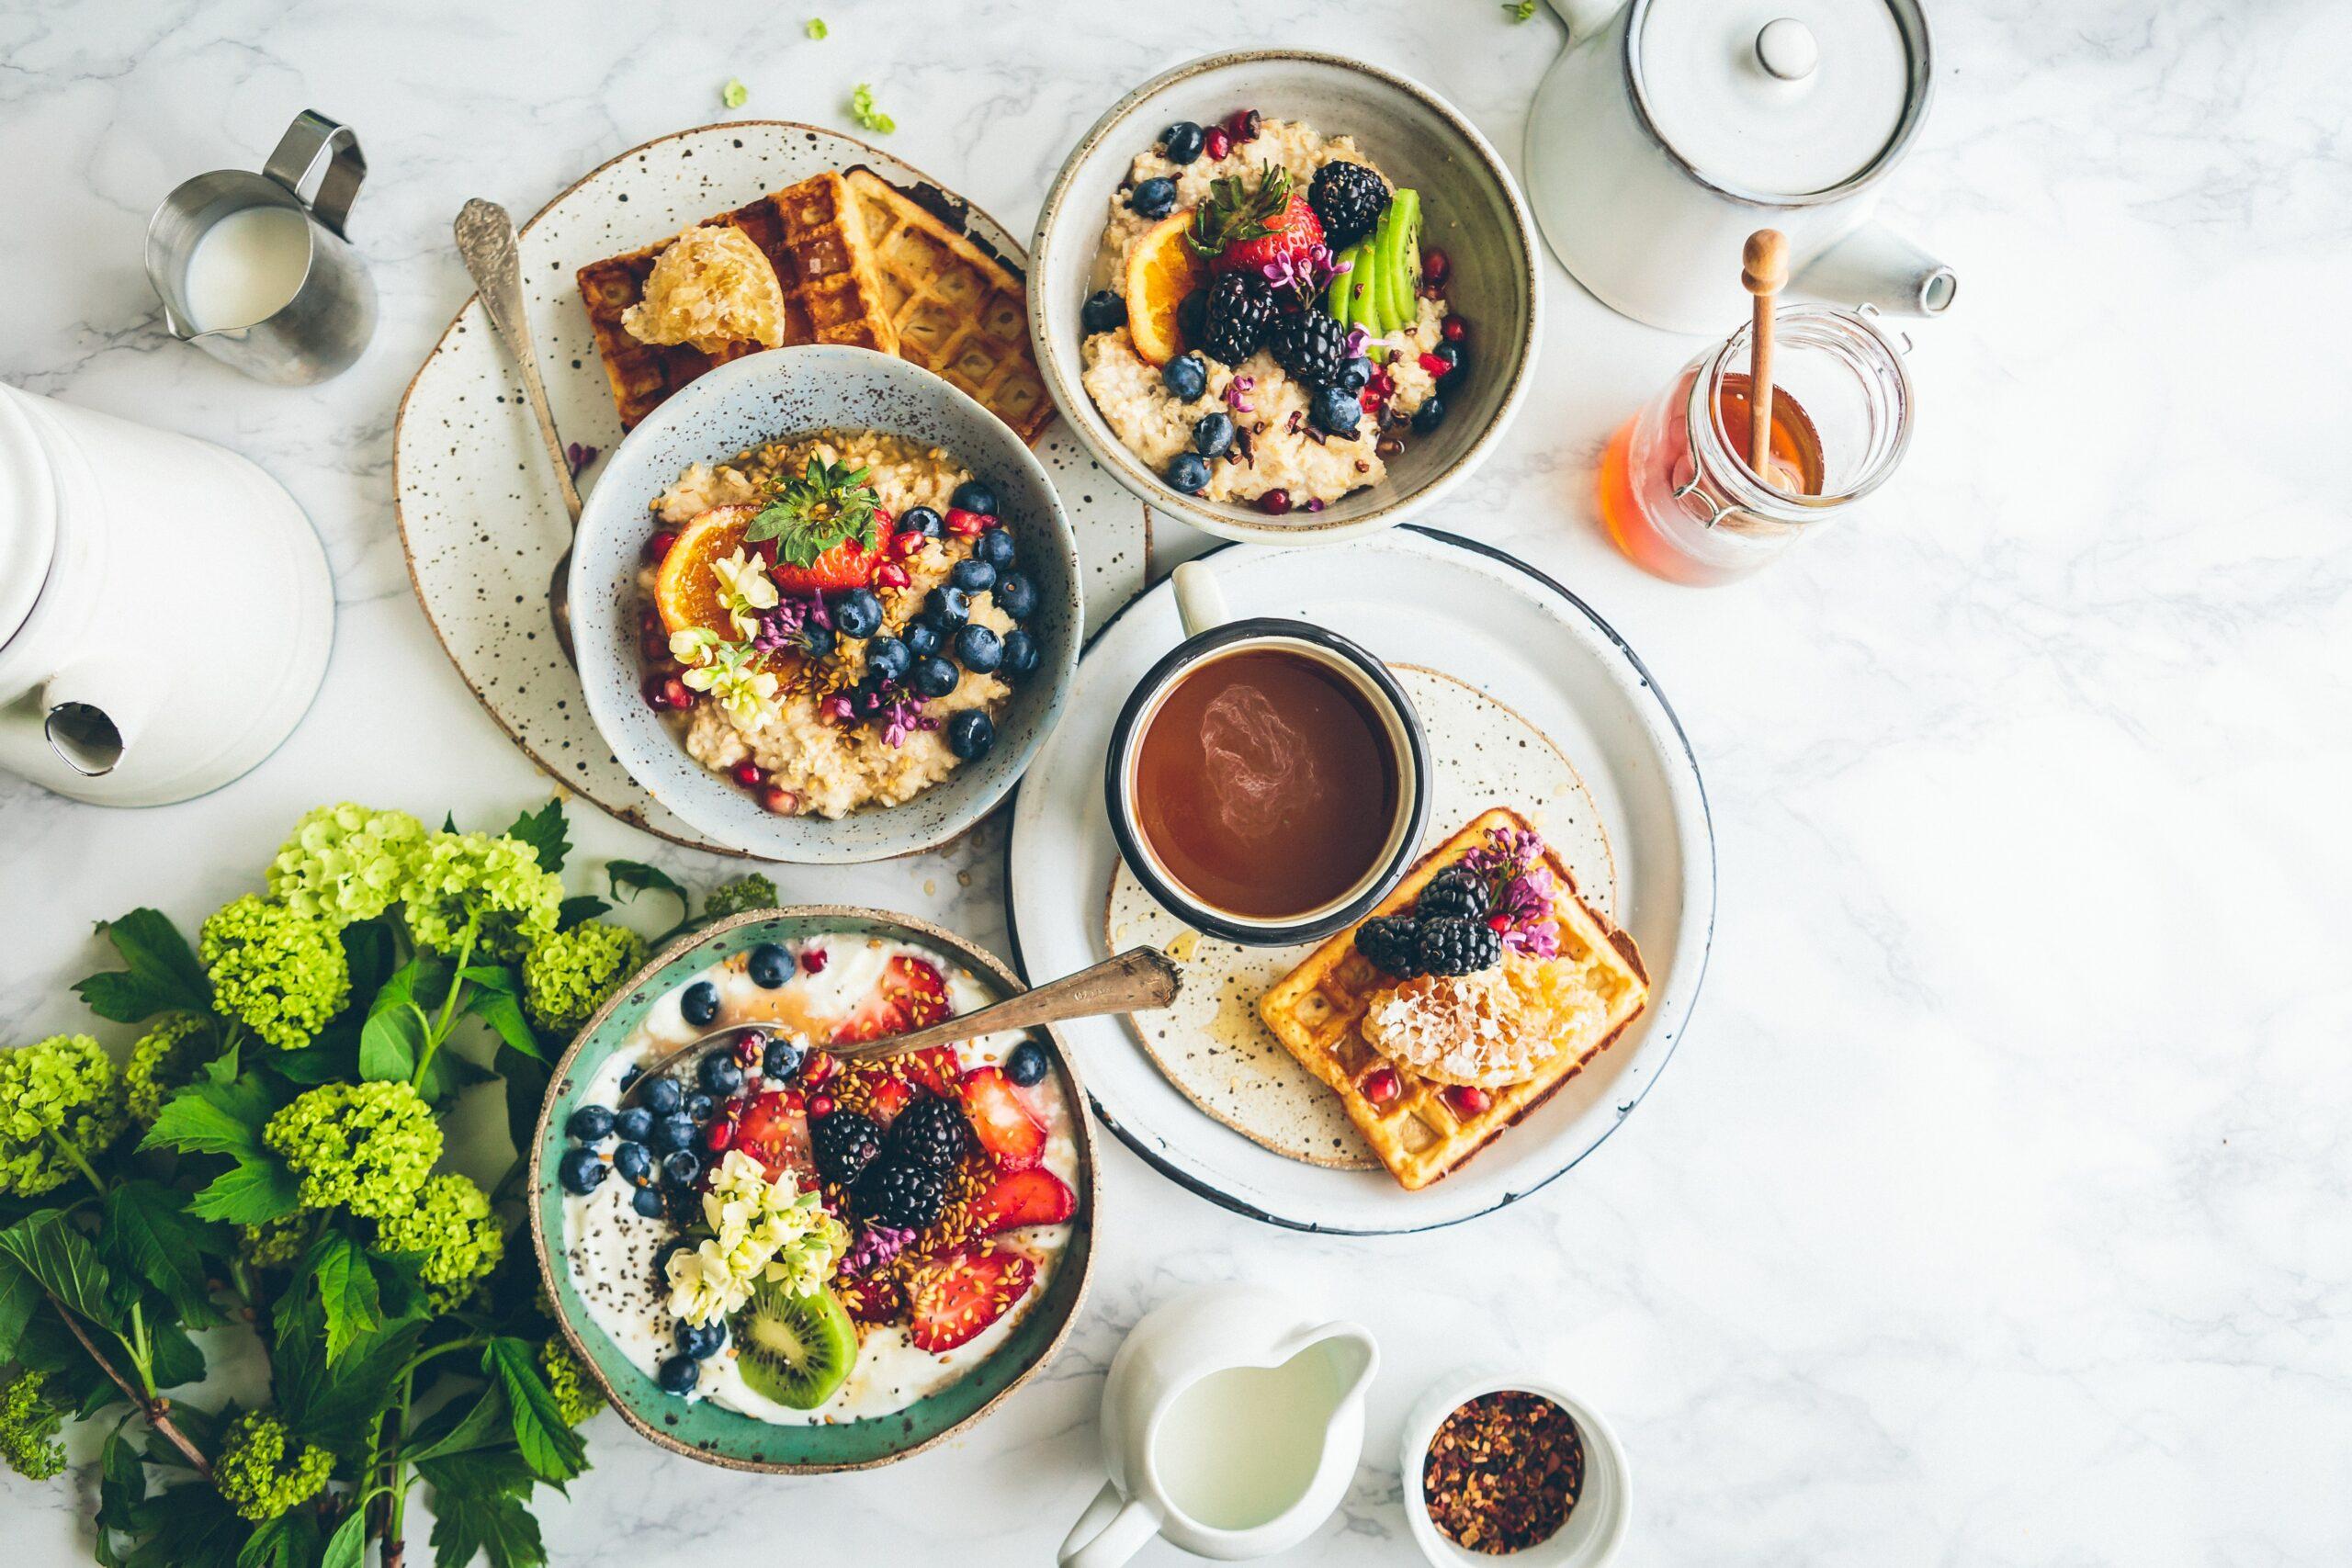 Members' monthly breakfast